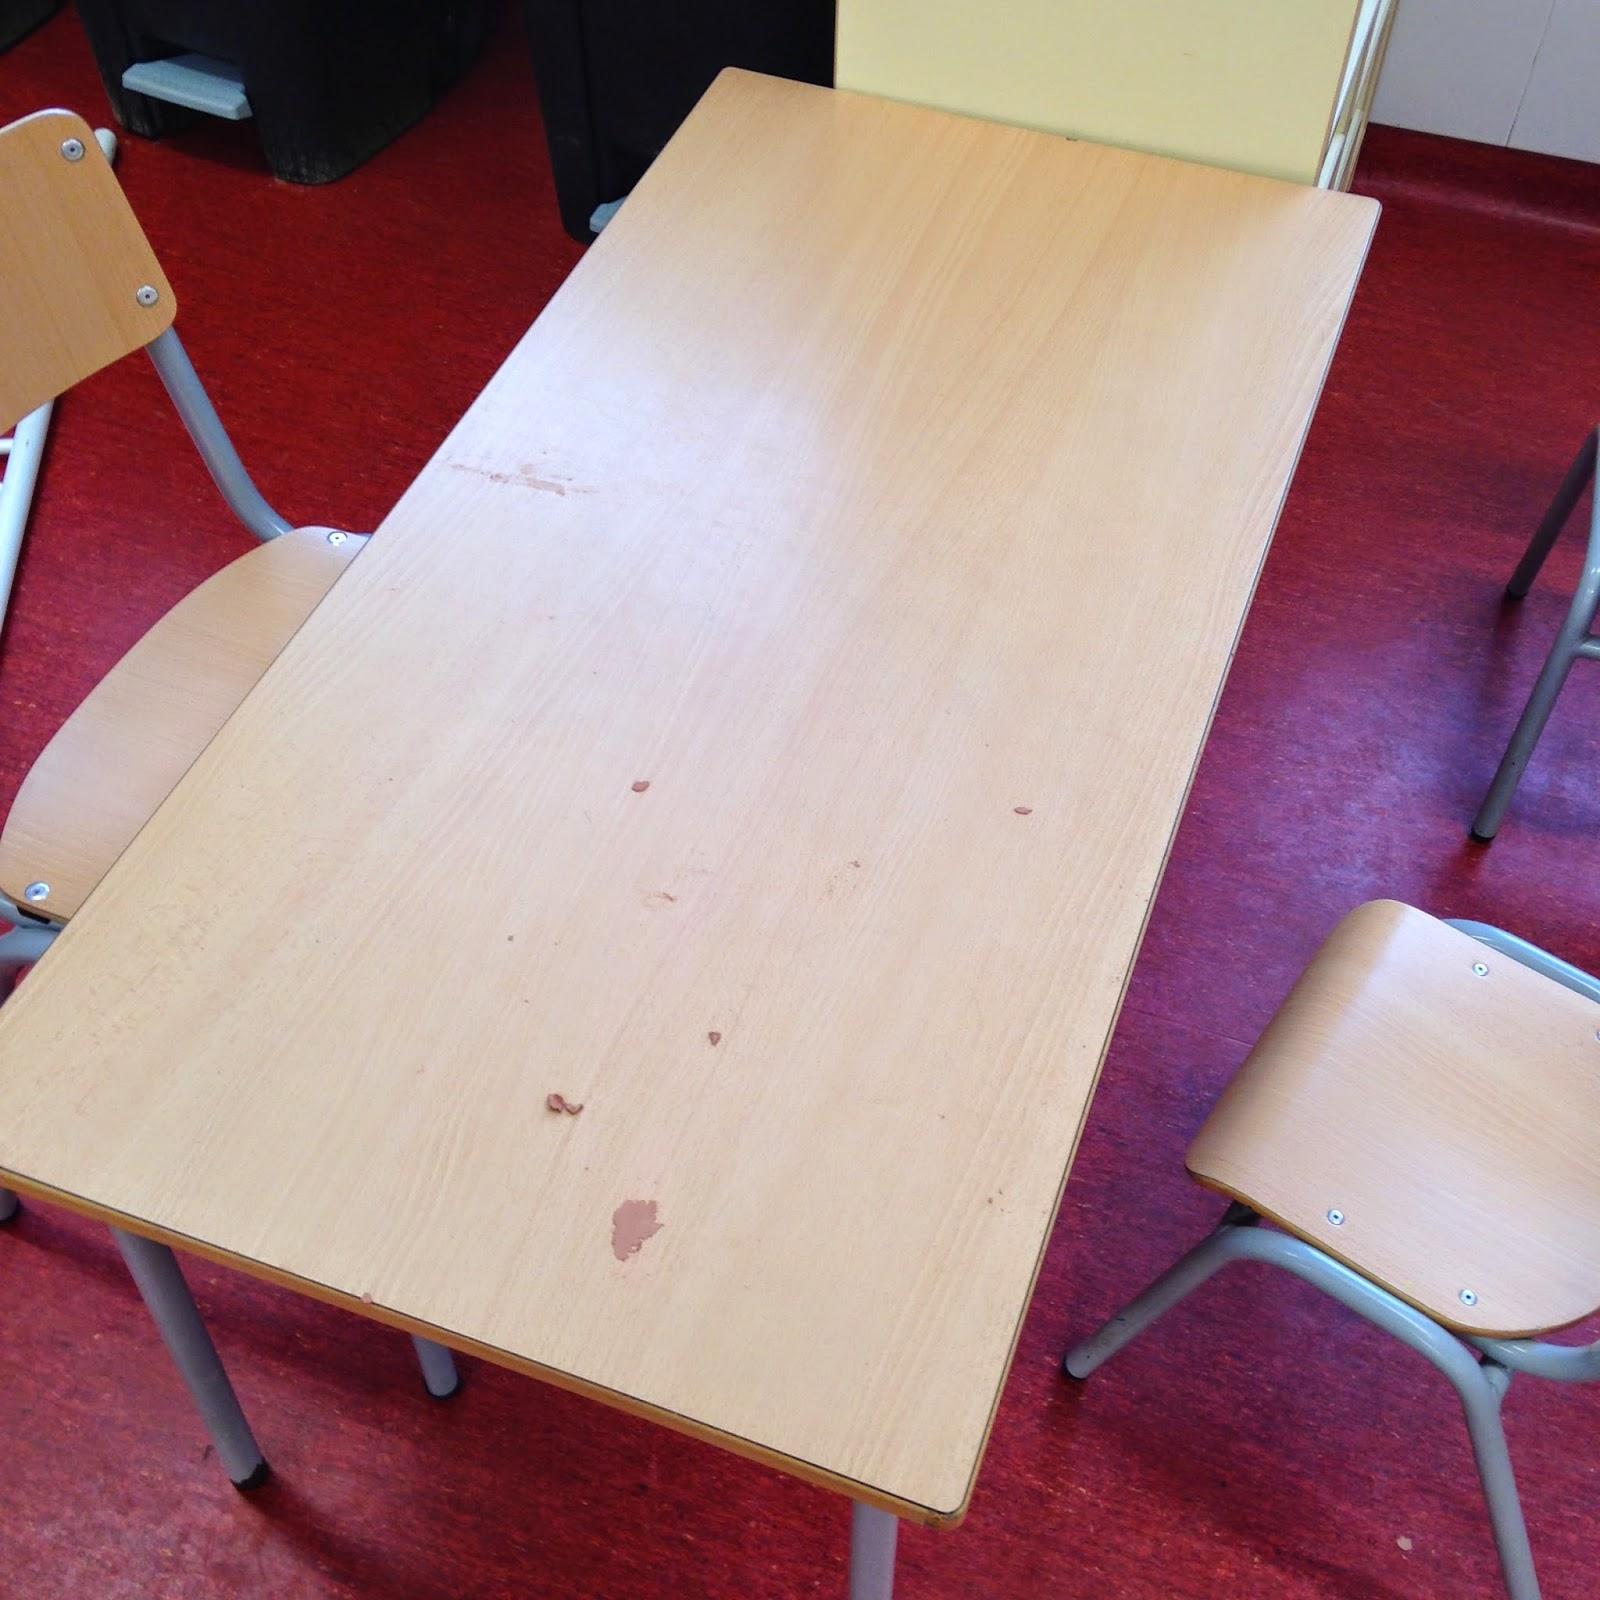 Proyecto para convertir un espacio creativo en un comedor escolar